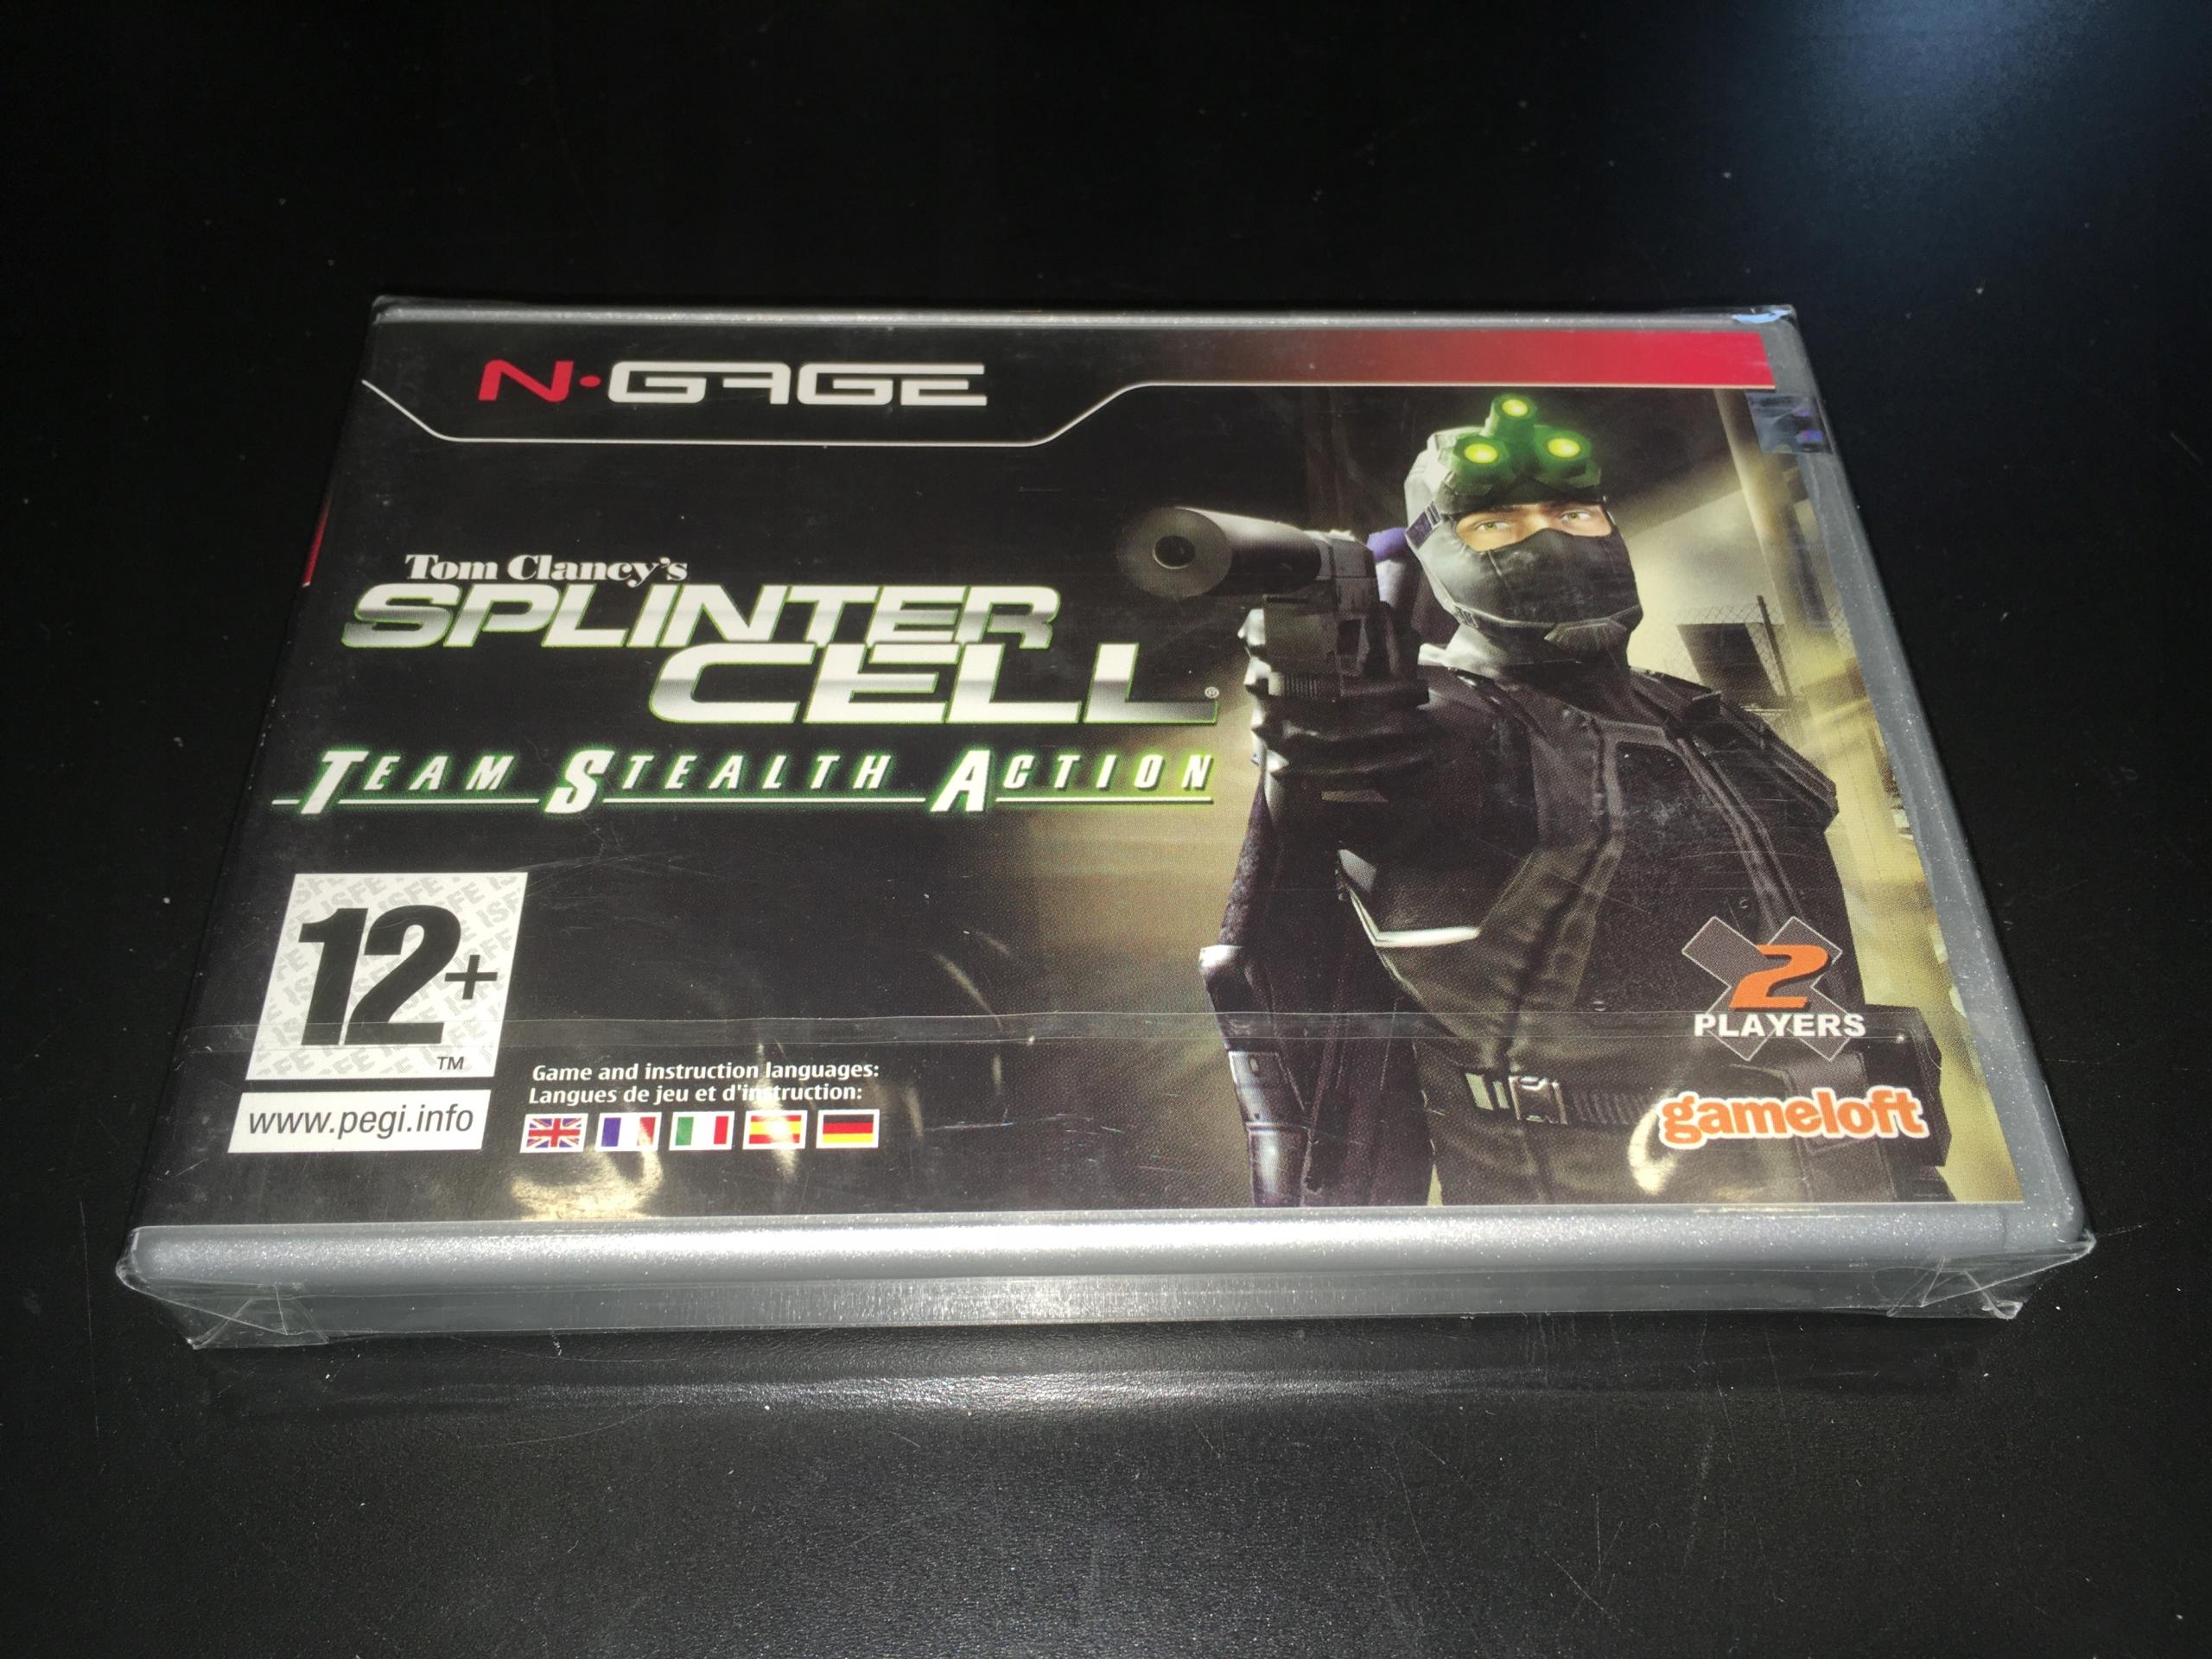 Splinter Cell Tím Stealth Akcia / Nokia N-Gage